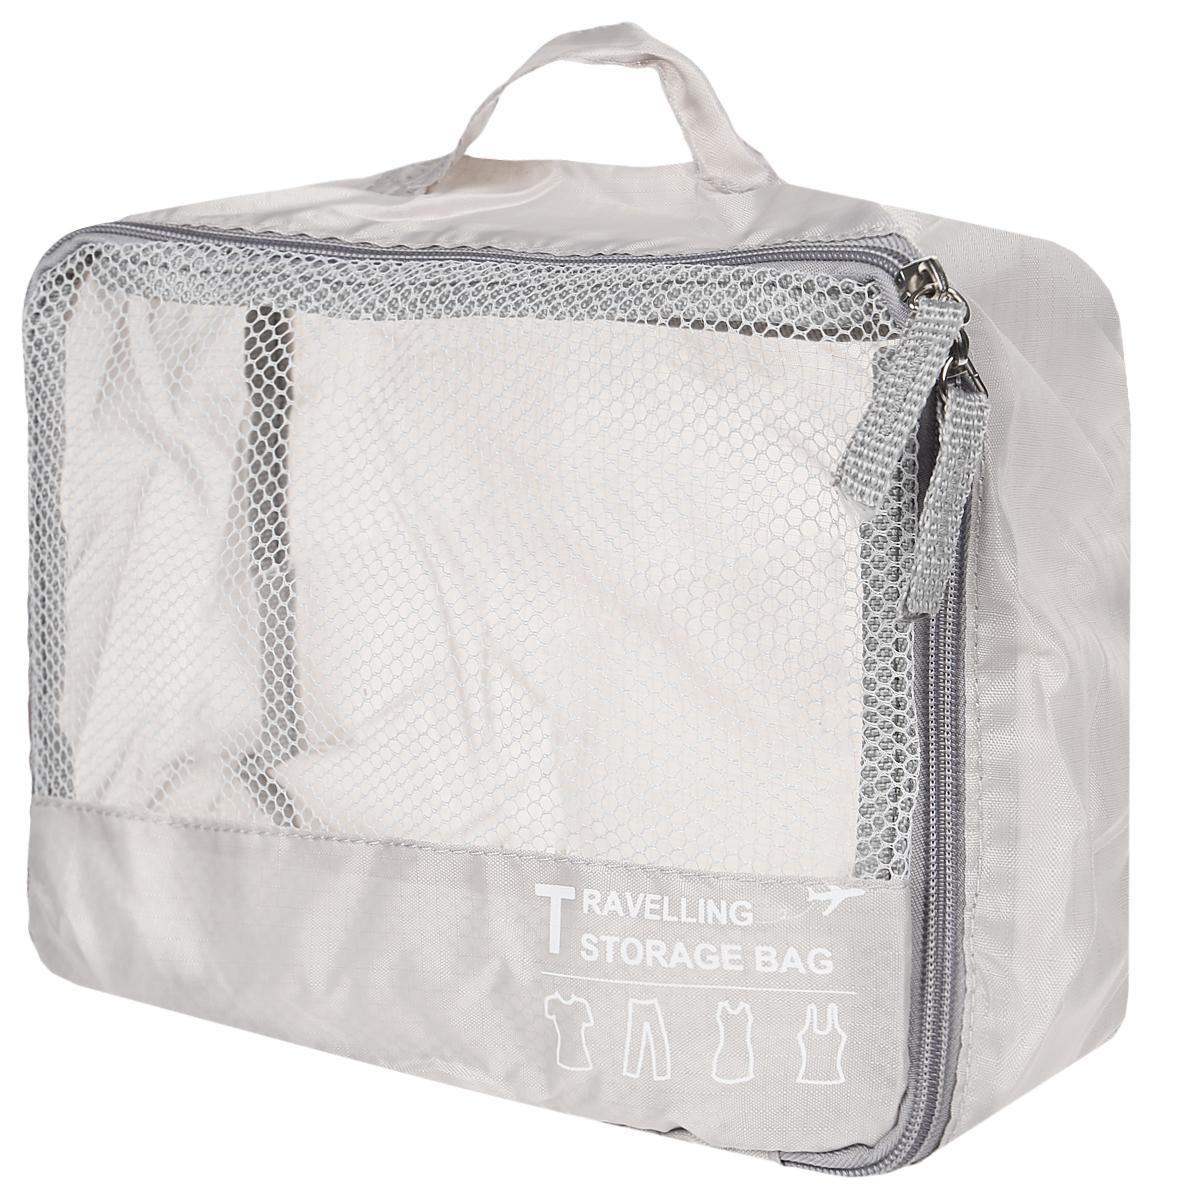 Компактный дорожный чехол - незаменимая вещь для хранения и переноски одежды во время командировок, путешествий и бизнес-поездок. Чехол защищает вещи от повреждений, пыли и грязи, препятствует возникновению зацепок, вещи не впитывают посторонние запахи. Чехол имеет окошко из сетки для просмотра содержимого и удобную ручку. Закрывается на молнию.